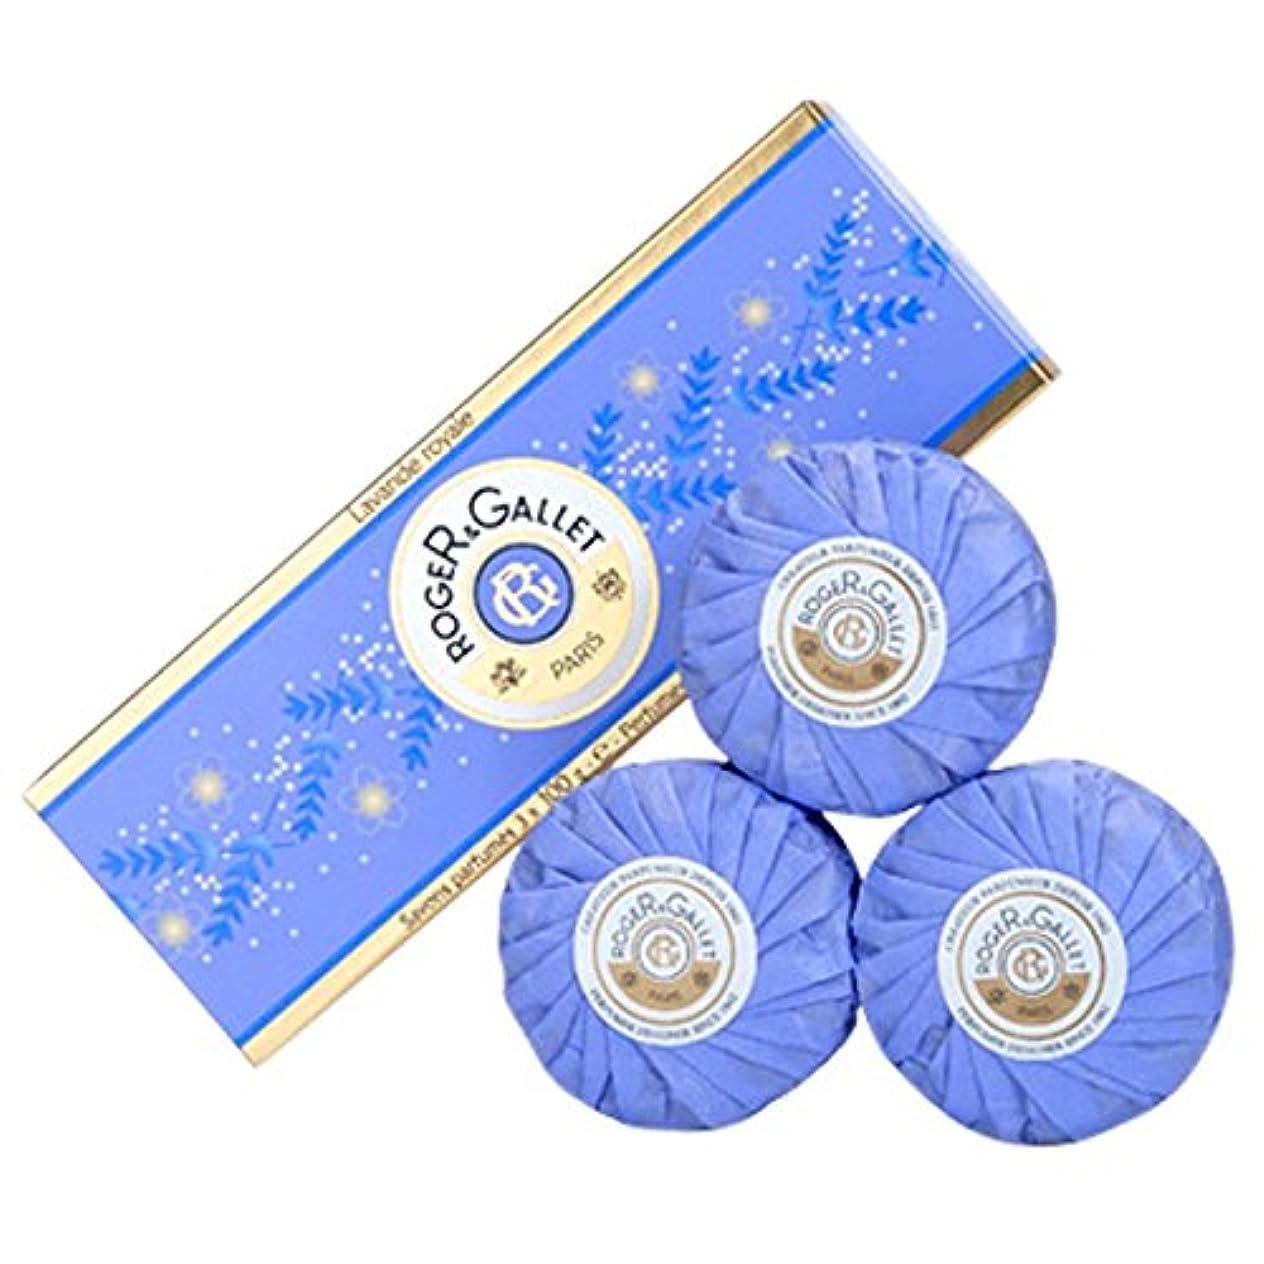 膿瘍キャンパス階ロジャー&Galletのラバンデロワイヤルソープコフレ3つのX 100グラム (Roger & Gallet) (x6) - Roger & Gallet Lavande Royale Soap Coffret 3 x...